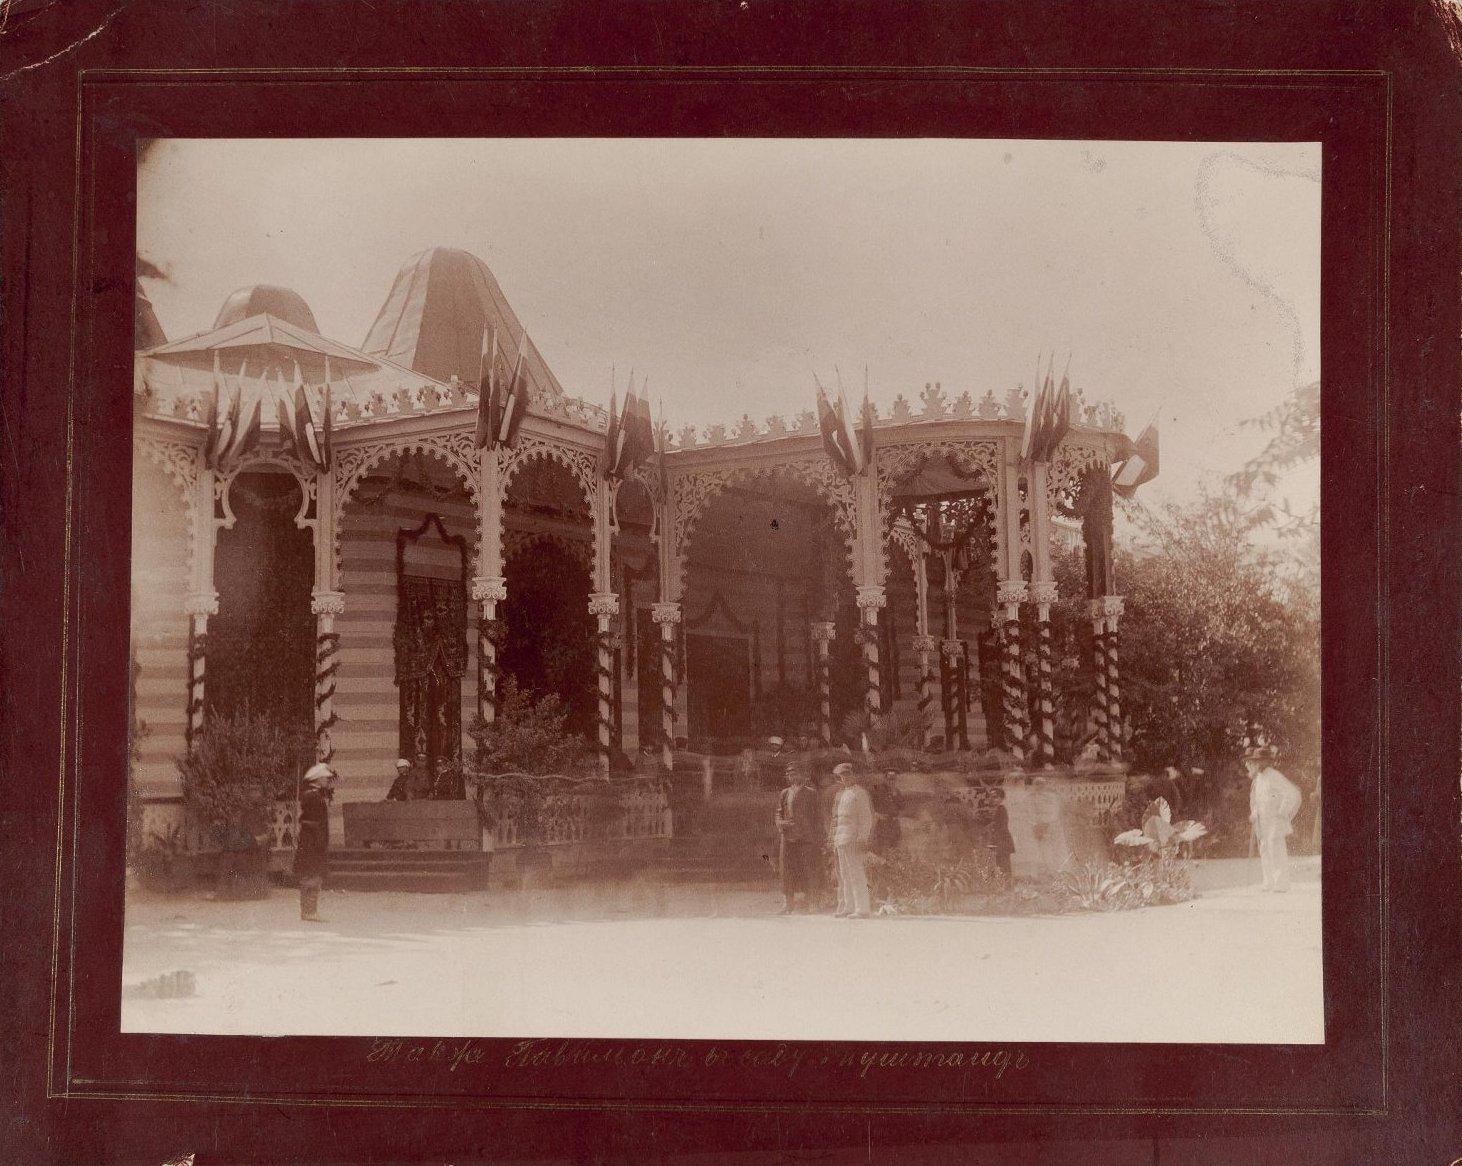 Павильон в саду Муштаид в дни пребывания императора Александра III в Тифлисе. 1888